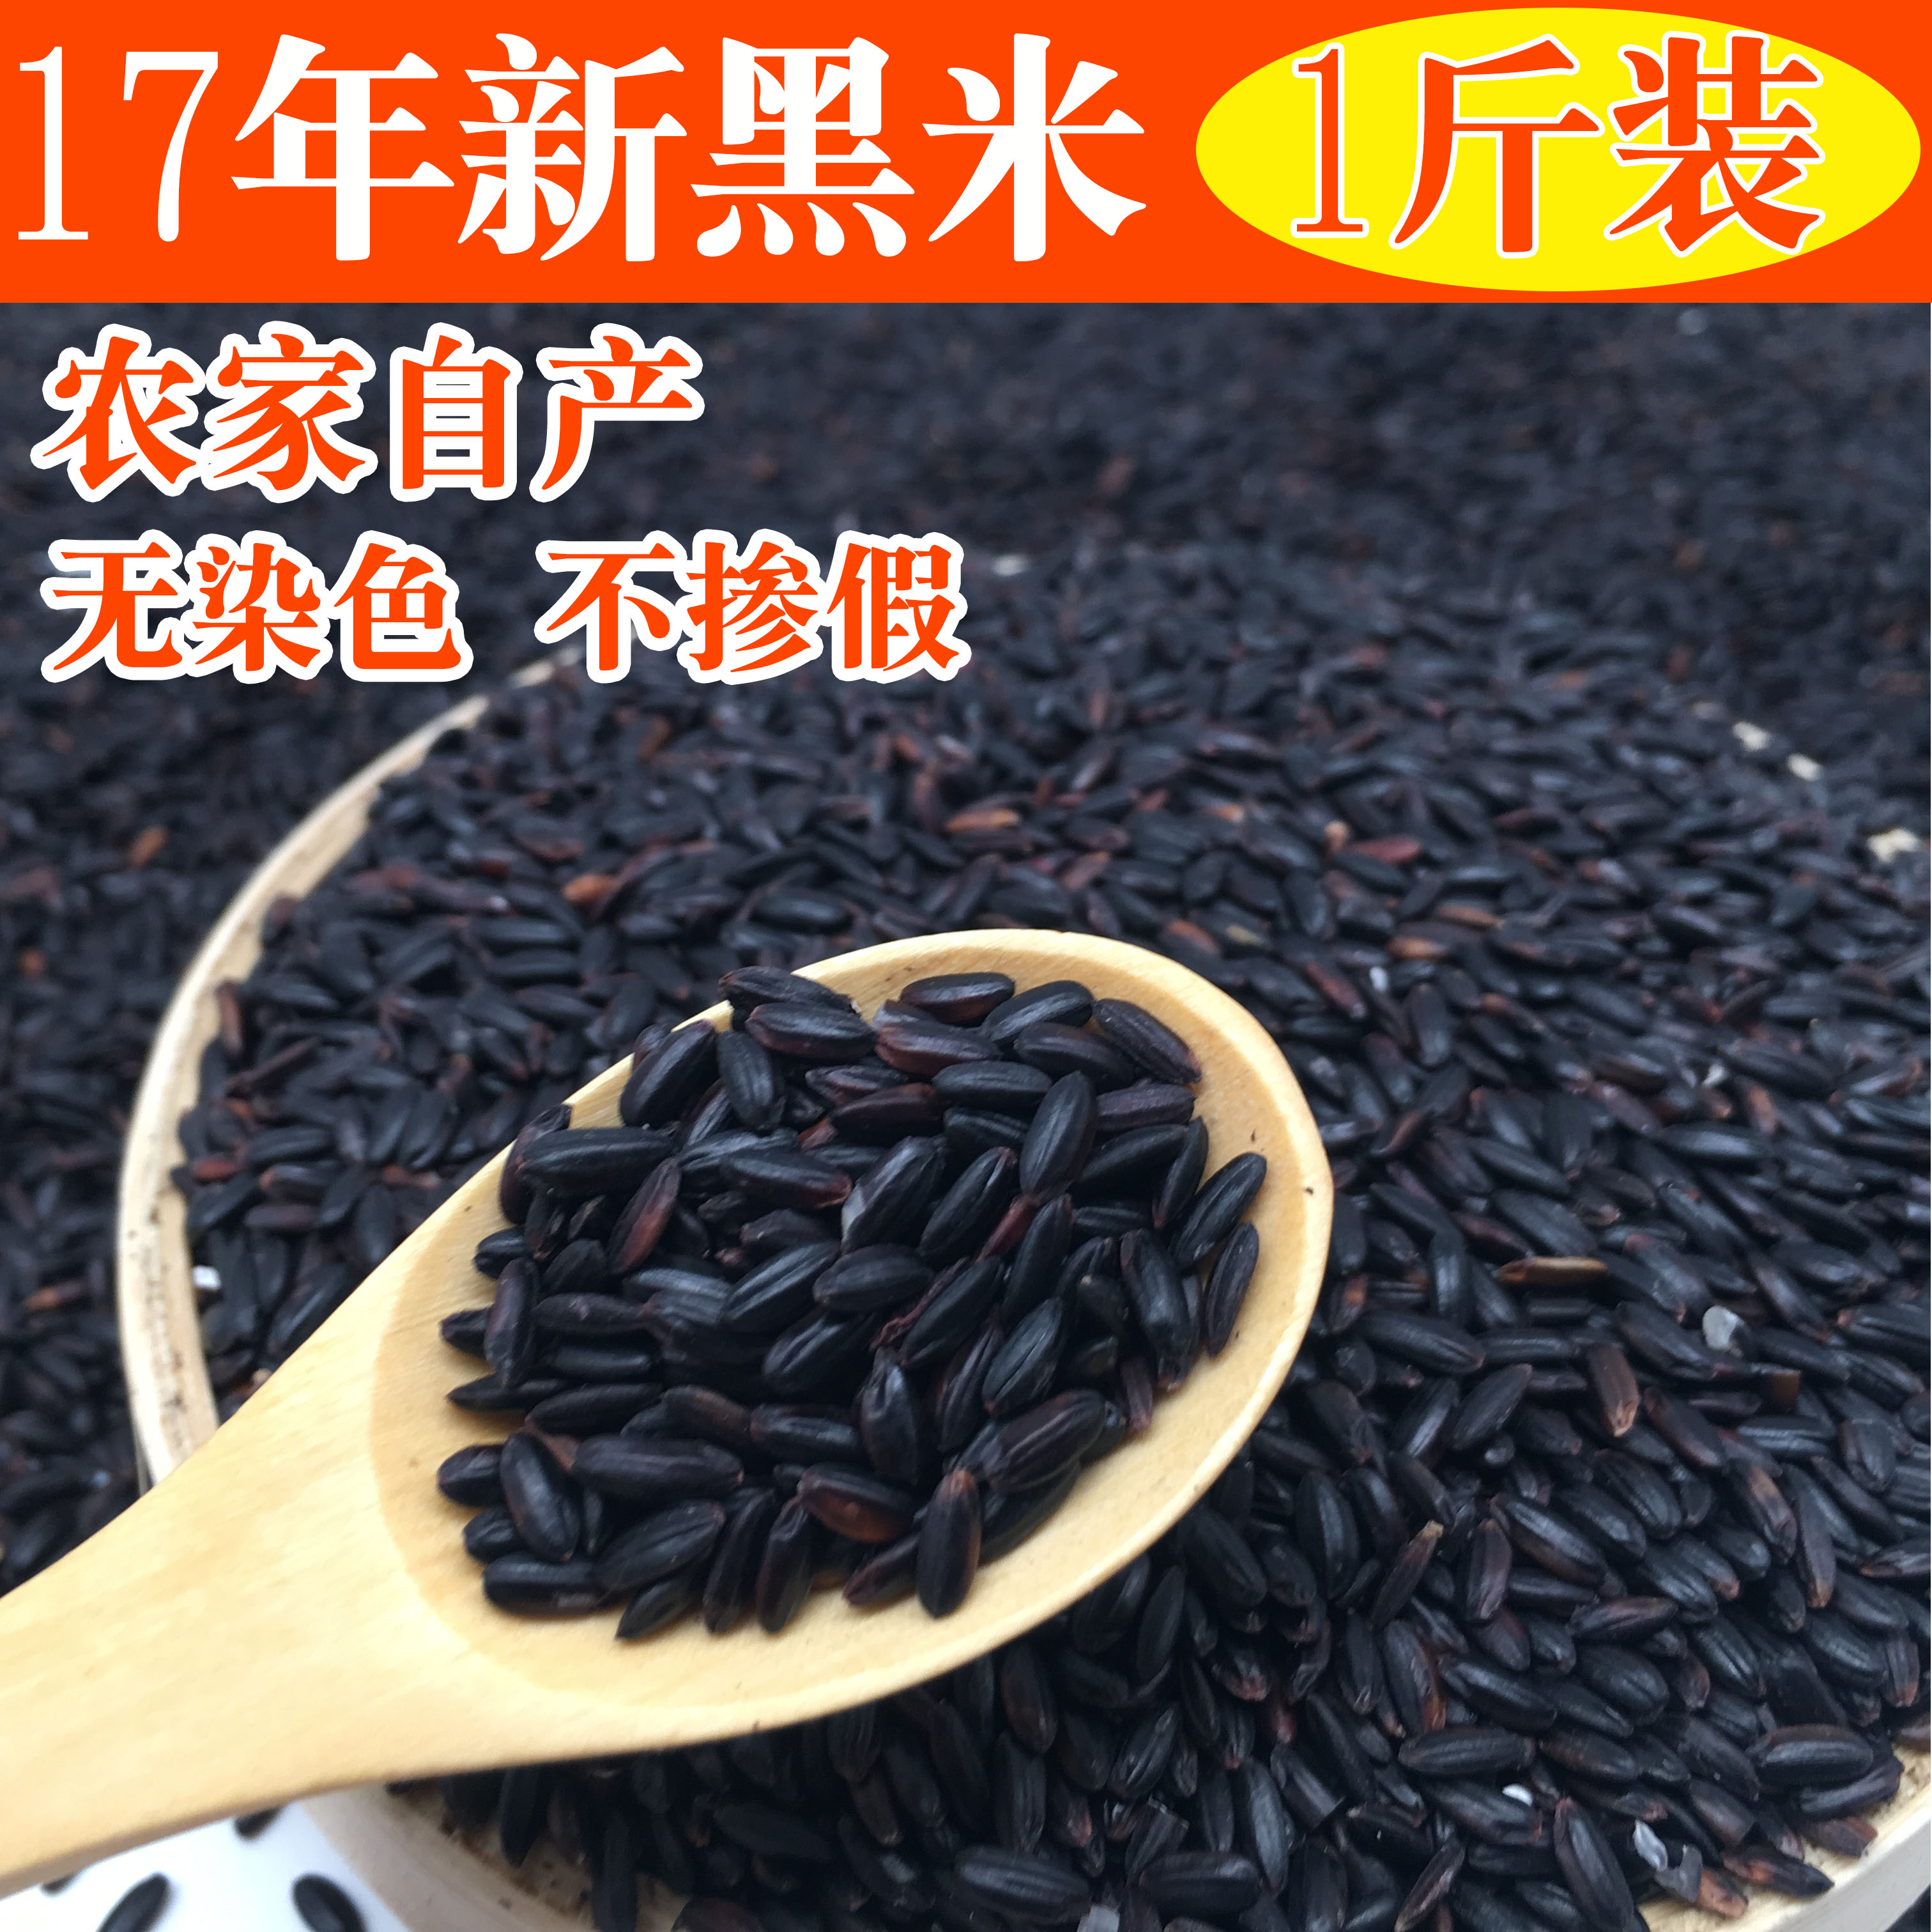 2017年新米东北黑龙江正宗五常黑米非染色五谷杂粮农家自产500g